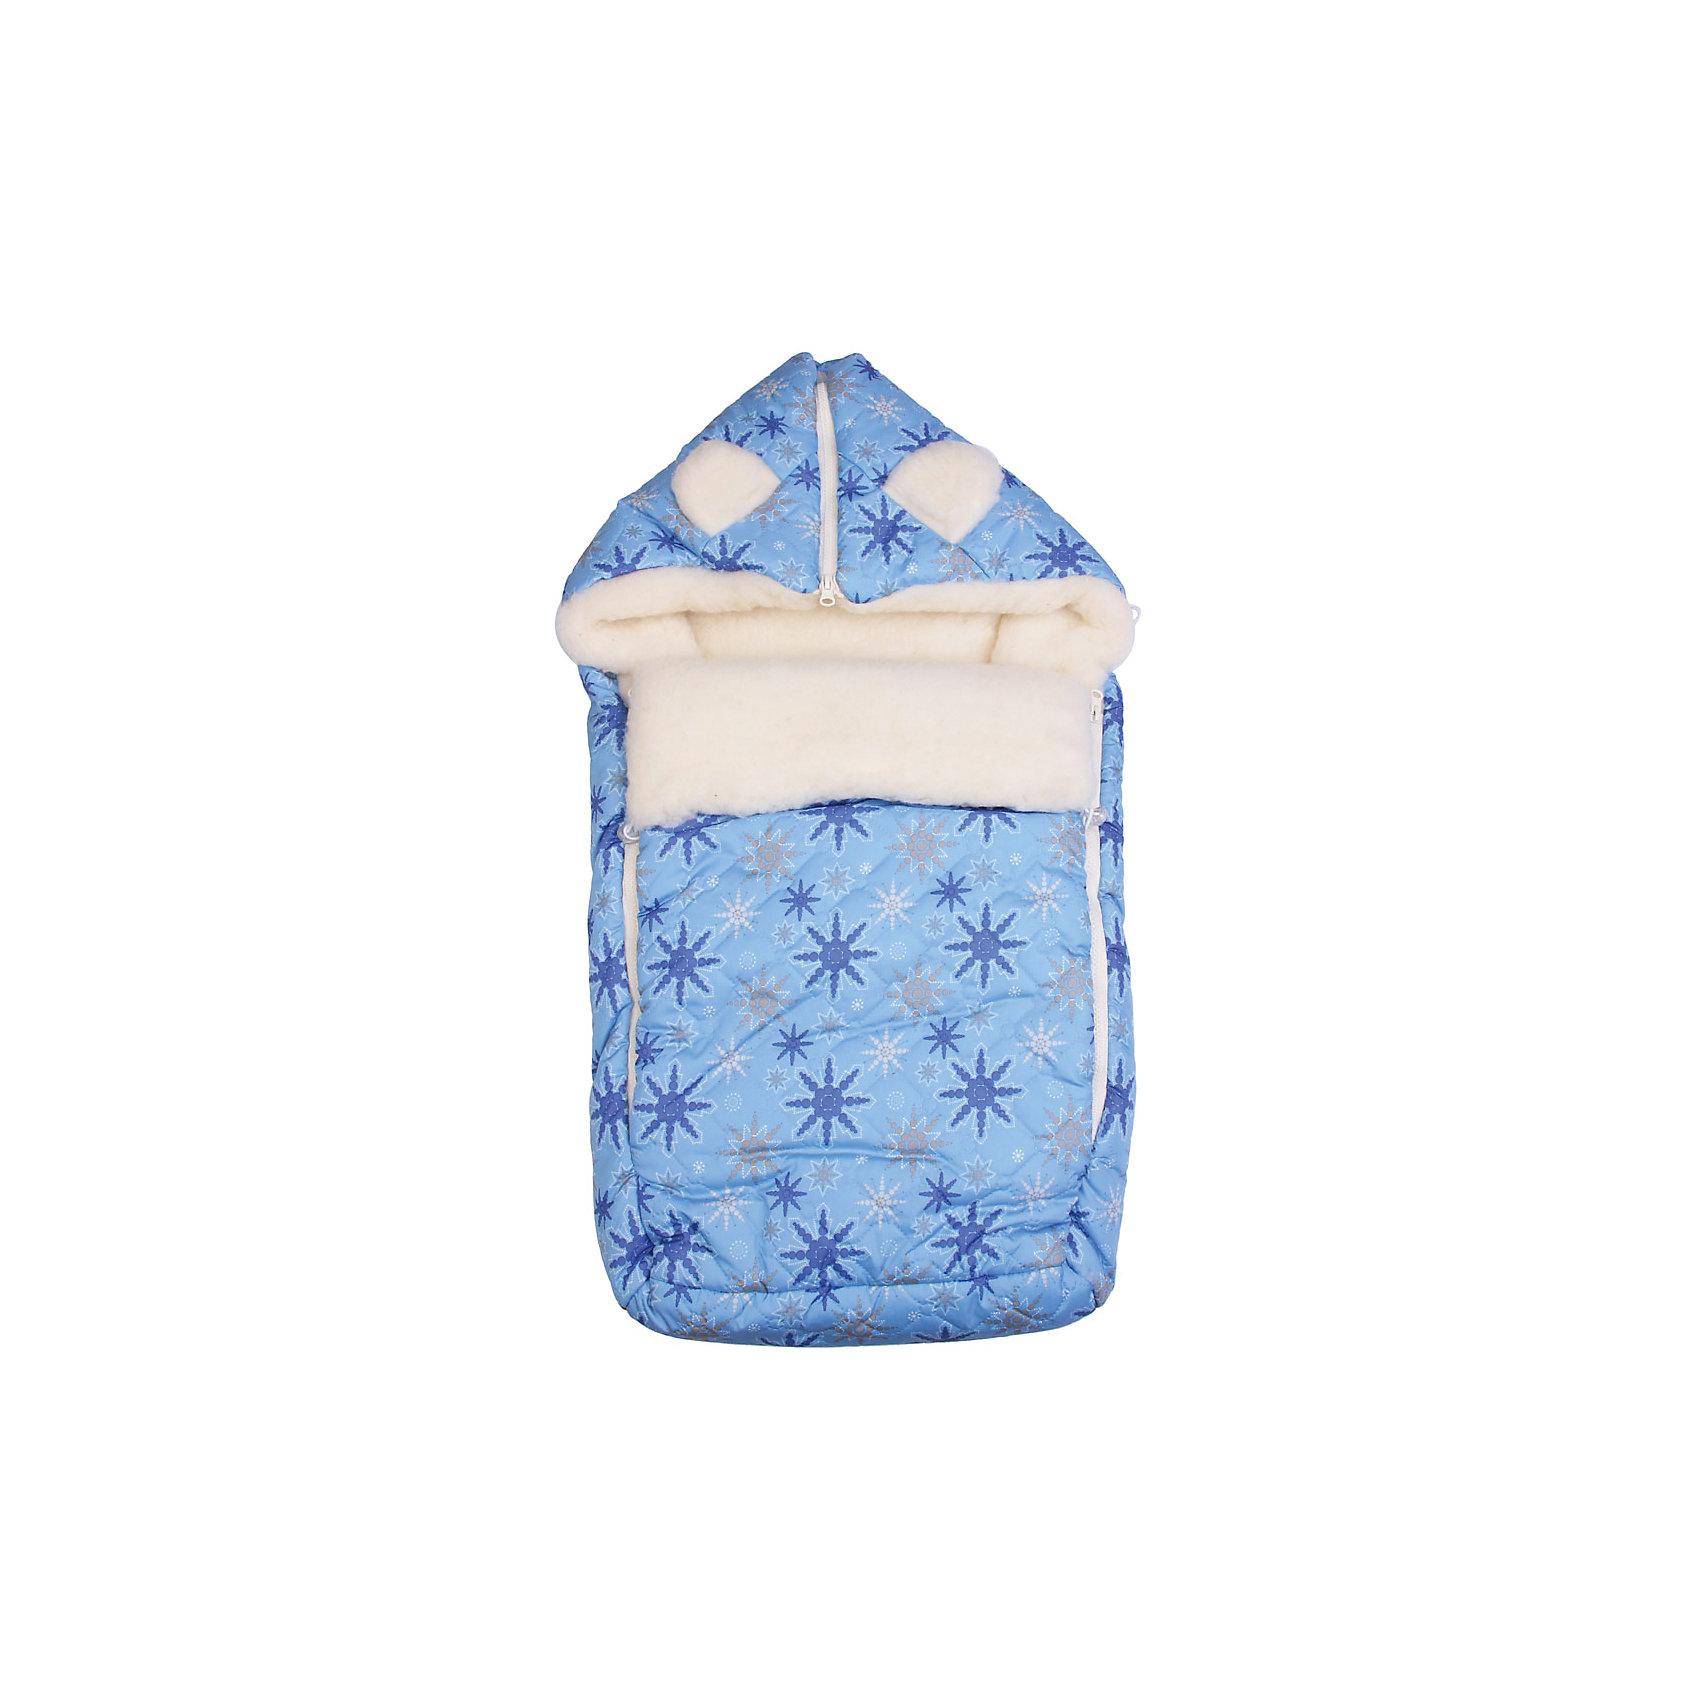 Конверт на овчине, Leader Kids, голубой/синийТеплый конверт выполнен из высококачественных гипоаллергенных материалов, прекрасно сохраняет тепло и пропускает воздух, создавая комфортный микроклимат в любую погоду. Практичный конверт застегивается на молнию и имеет капюшон.<br><br>Дополнительная информация:<br><br>- Материал: утеплитель - синтепон; подкладка - шерсть; наружный материал - полиэстер.<br>- Размер: 80х45 см.<br>- Сезон: осень, зима.<br>- Тип застежки: молния.<br>- Декоративные элементы: принт. <br>- Цвет: голубой. <br><br>Конверт на овчине , Leader Kids, голубой, можно купить в нашем магазине.<br><br>Ширина мм: 60<br>Глубина мм: 350<br>Высота мм: 550<br>Вес г: 500<br>Цвет: голубой/синий<br>Возраст от месяцев: 0<br>Возраст до месяцев: 6<br>Пол: Мужской<br>Возраст: Детский<br>SKU: 4217310